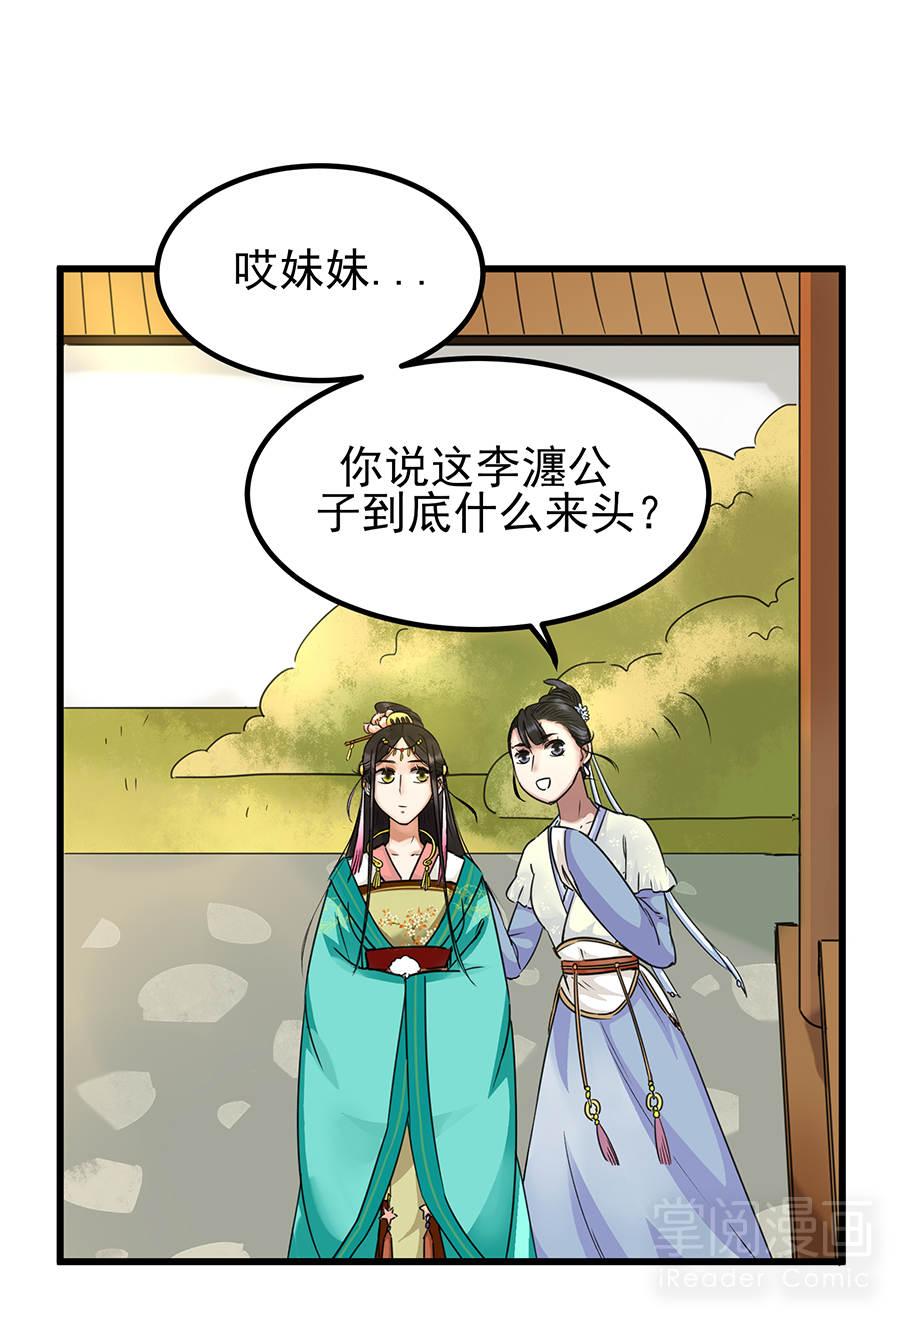 晚唐烟华第7话  上元节 第 9